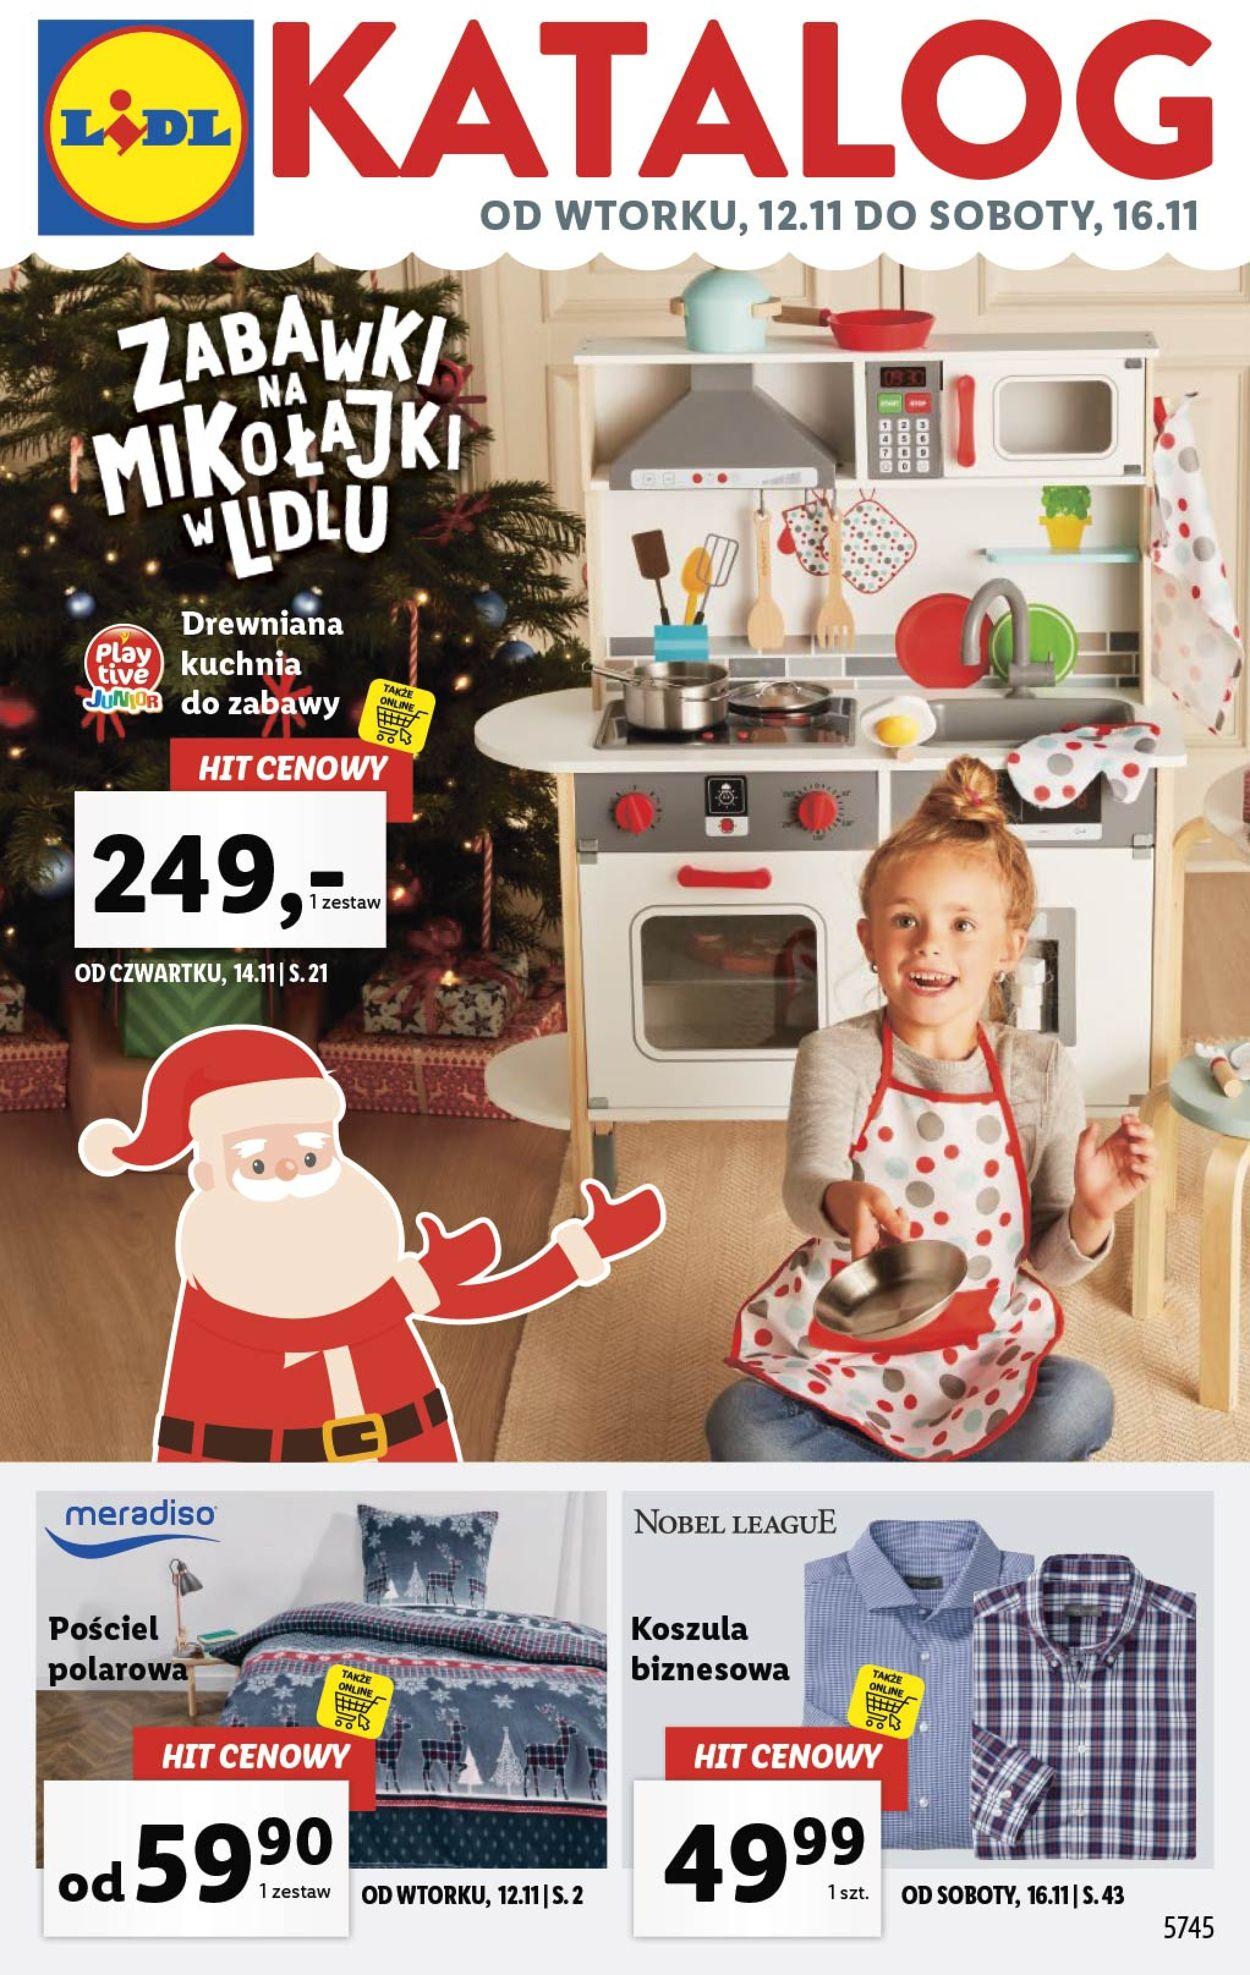 Gazetka promocyjna LIDL - 12.11-16.11.2019